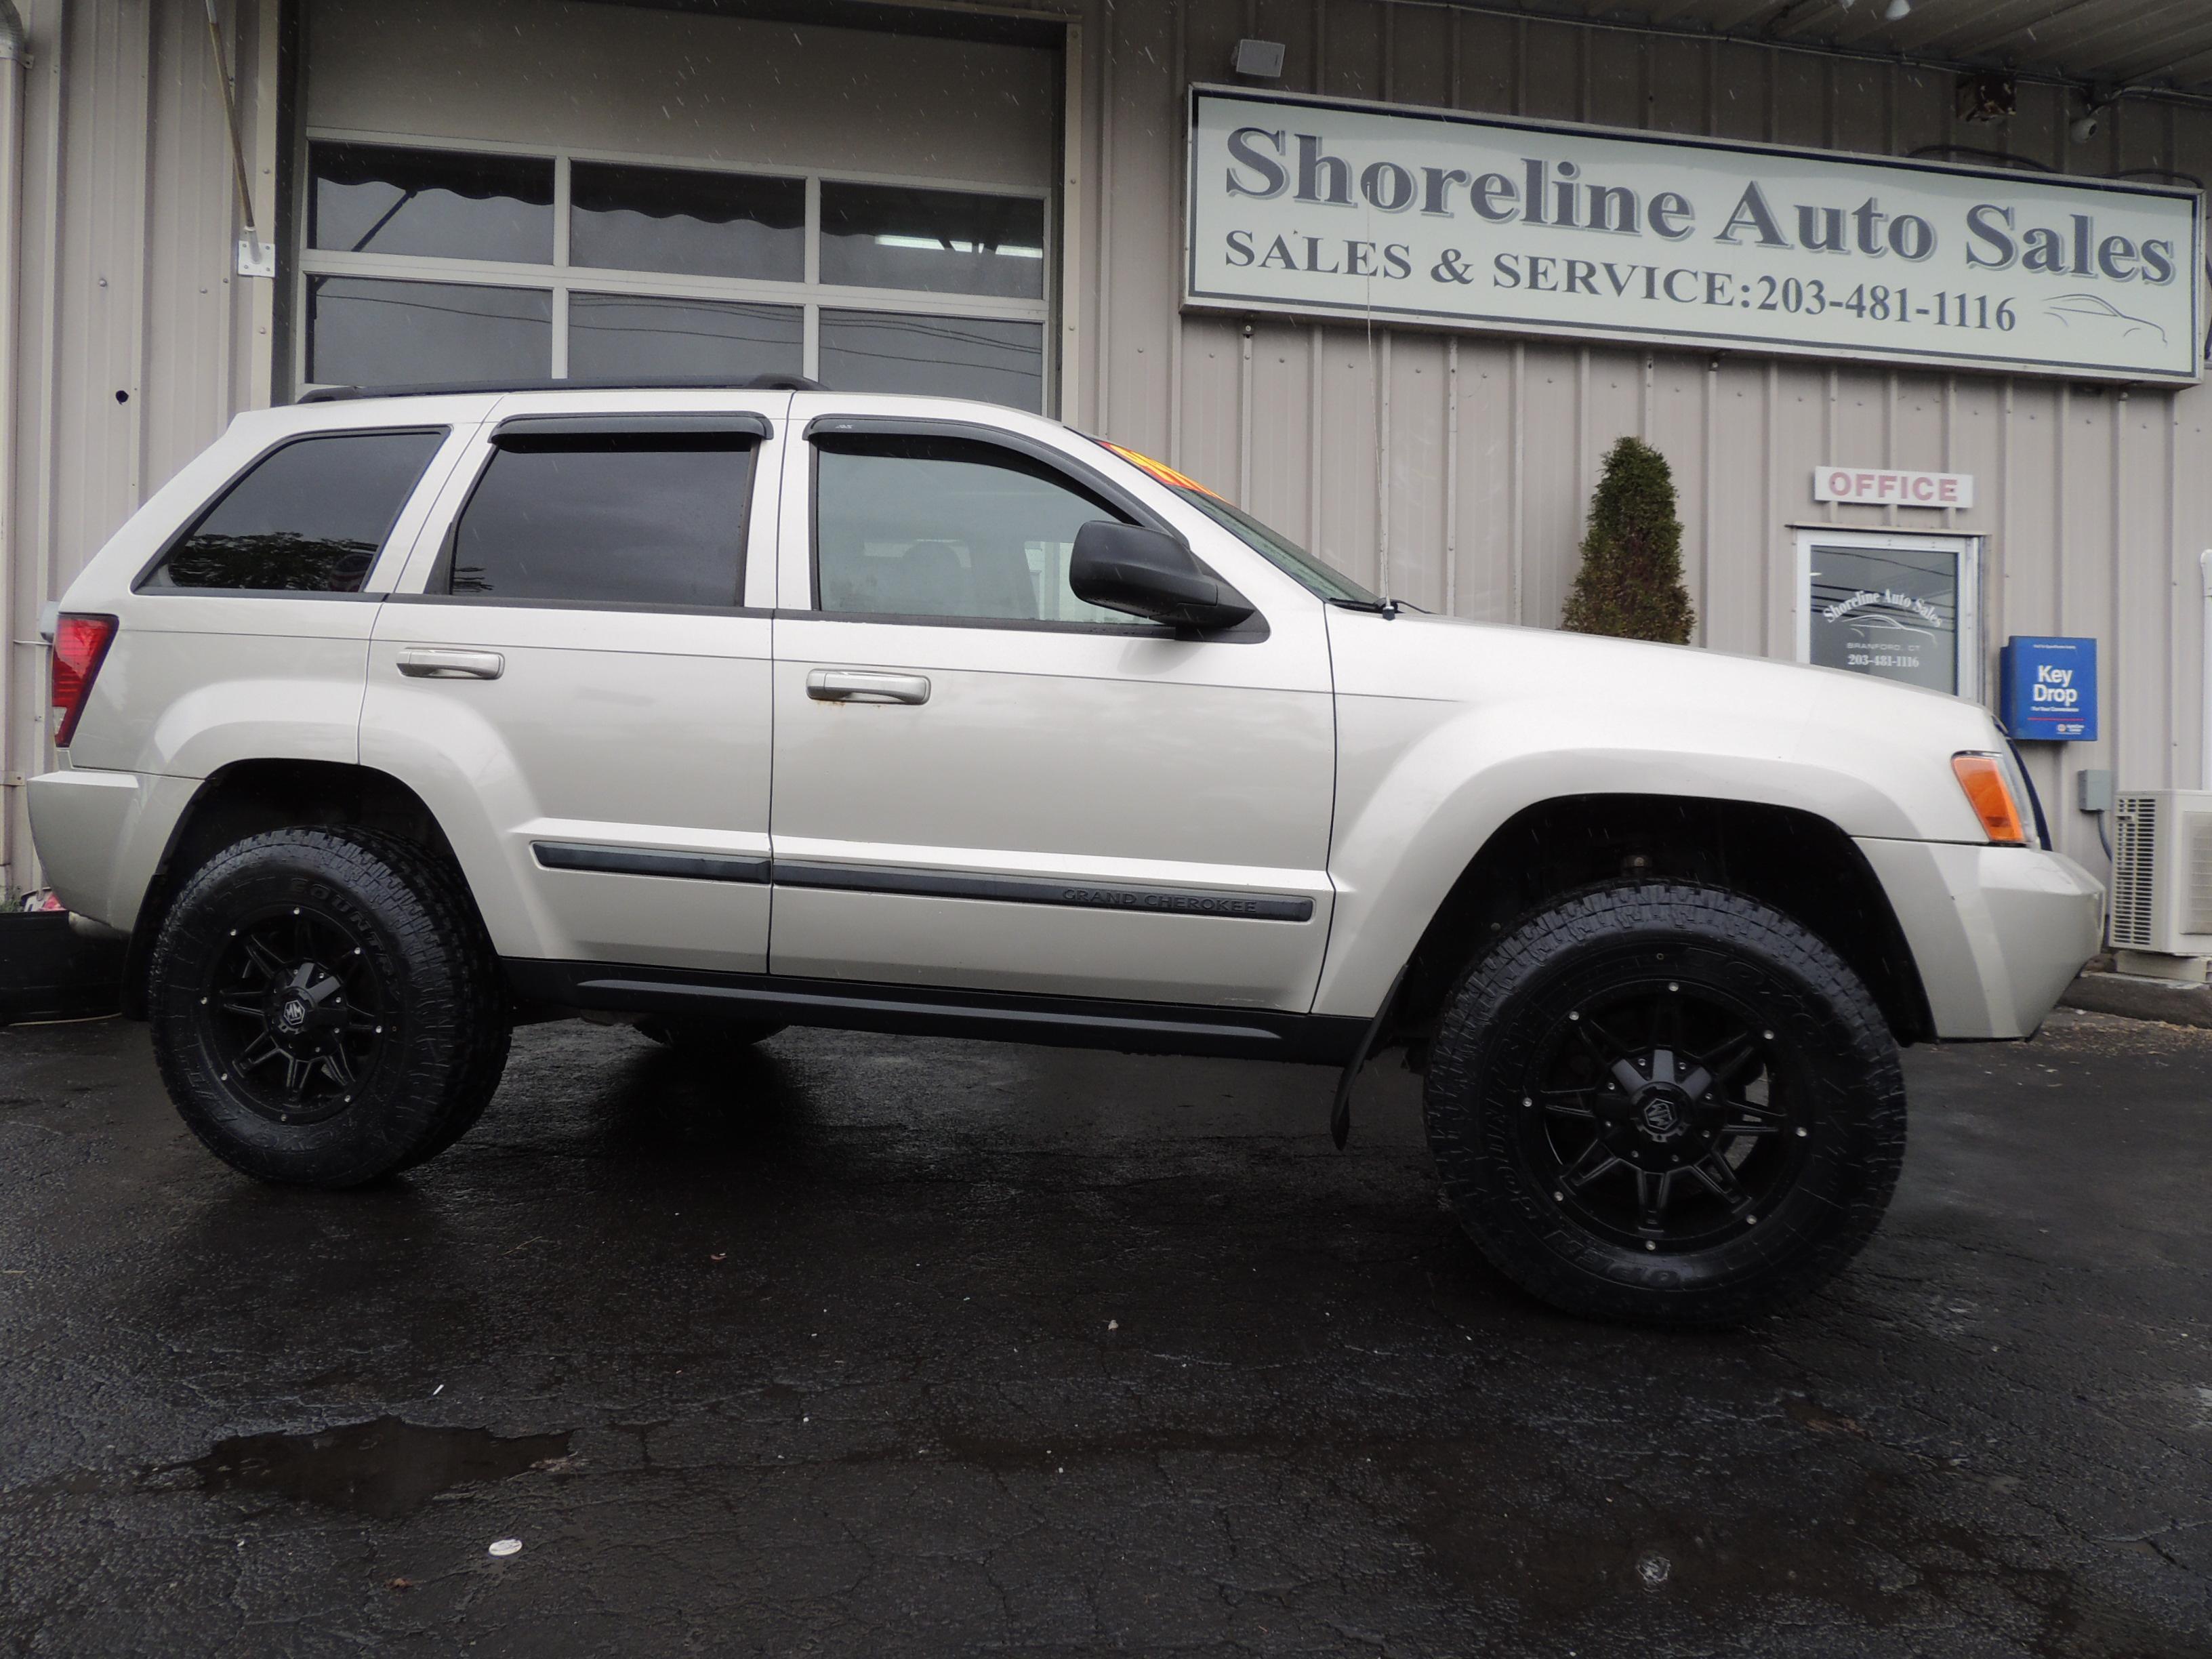 2008 Jeep Grand Cherokee Shoreline Auto Sales